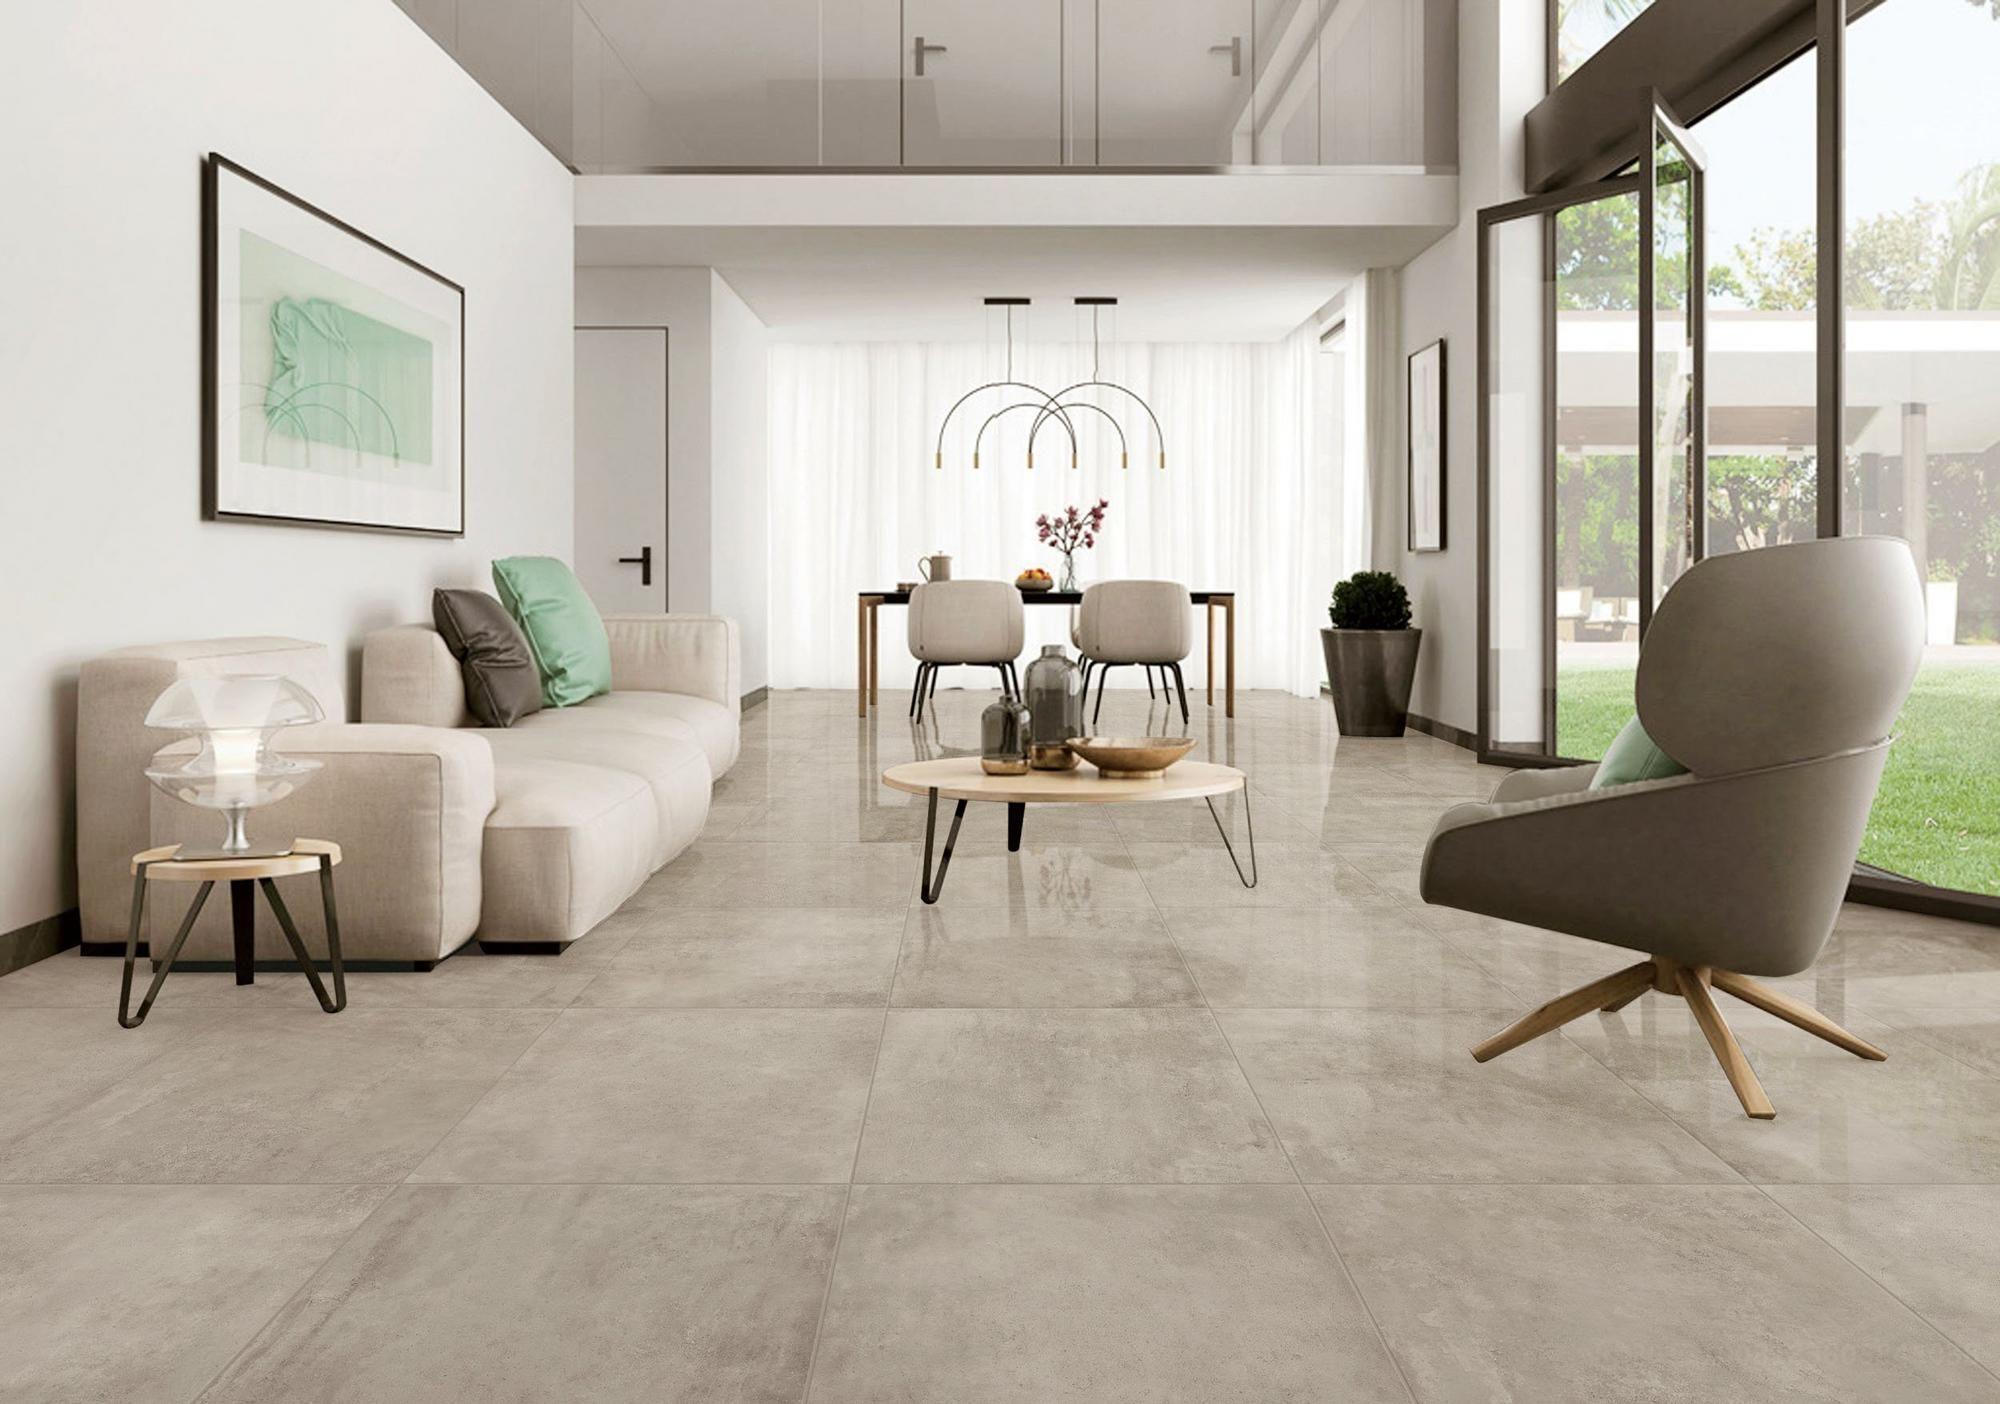 Polished Cement Polished Porcelain Tile Polished Cement Polished Porcelain Tiles Polished Cement Floors